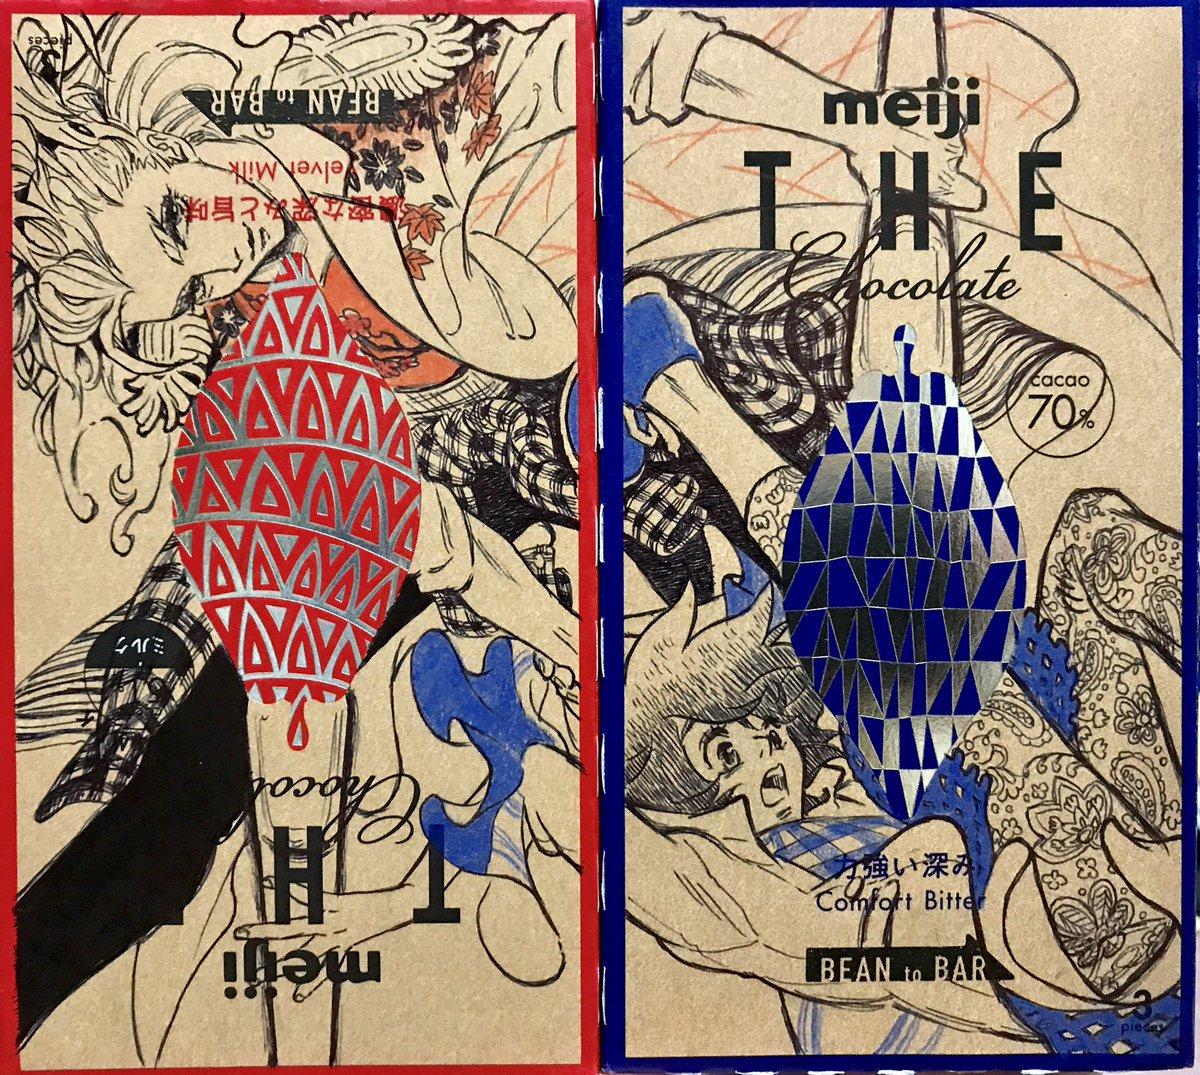 ゆるゆる企画6月 「パッケージイラスト2」  二枚繋ぎで描いてみました。 歌麿を首根っこつかんで運ぶオラオラ系蔦さん。  #明治ザチョコレート #あちゃらか2 #ボールペンと色鉛筆 #蔦重歌麿